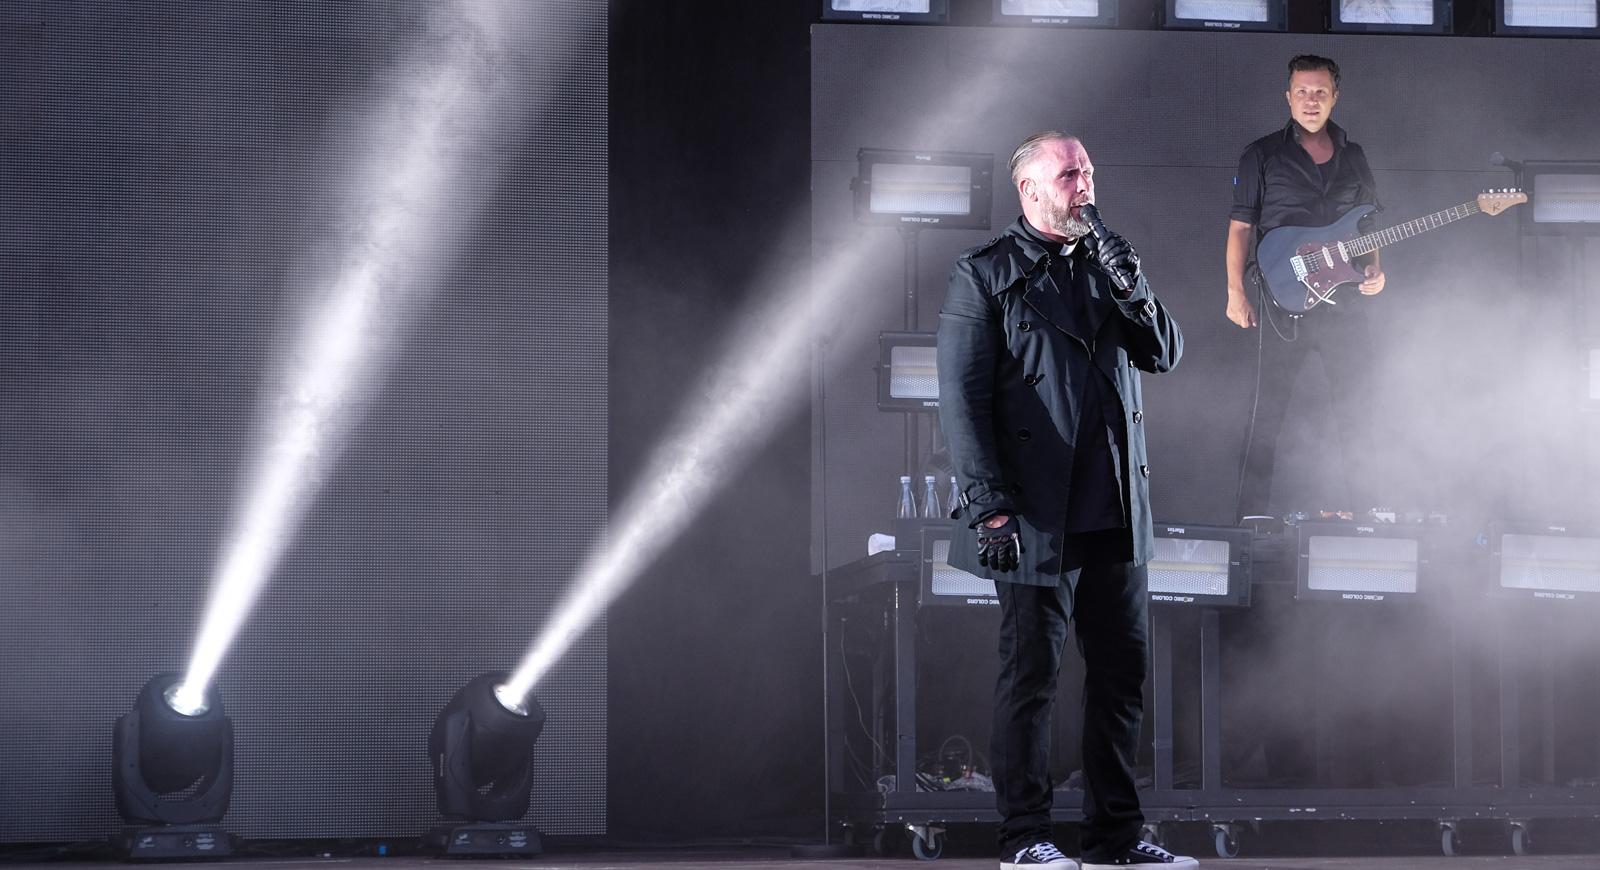 Anmeldelse: L.O.C. tog publikumsrekorden til Fed Fredag med et brag af en koncert